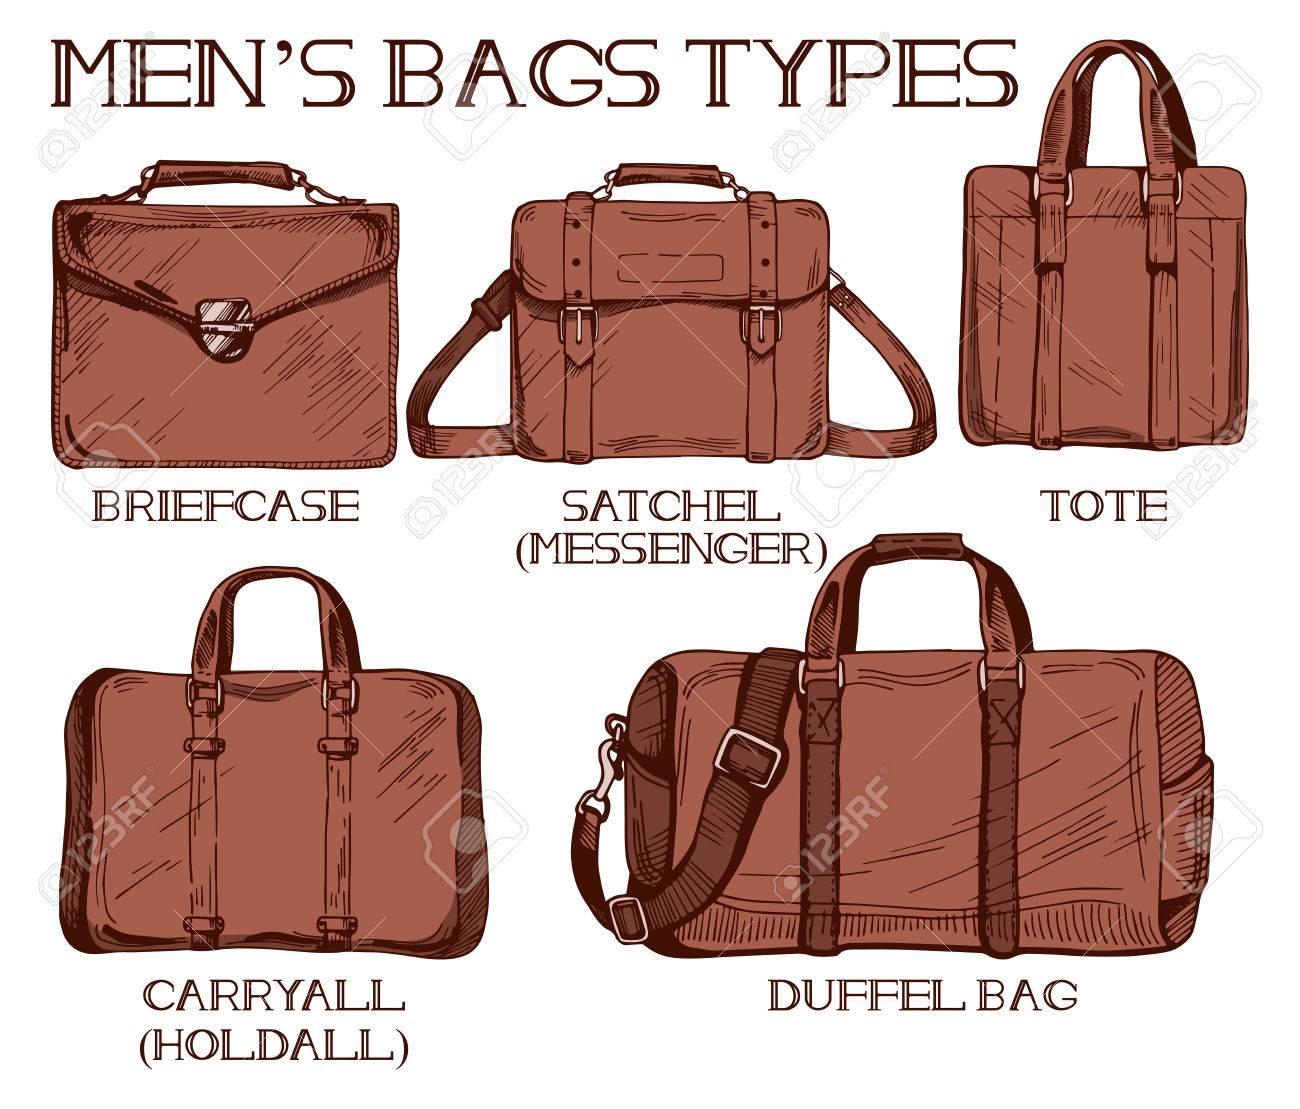 Ilustración vectorial de bolsas para hombre tipos: maletín, mochila o messenger, tote, carryall de bolso de mano y bolso de mano. Estilo de dibujo